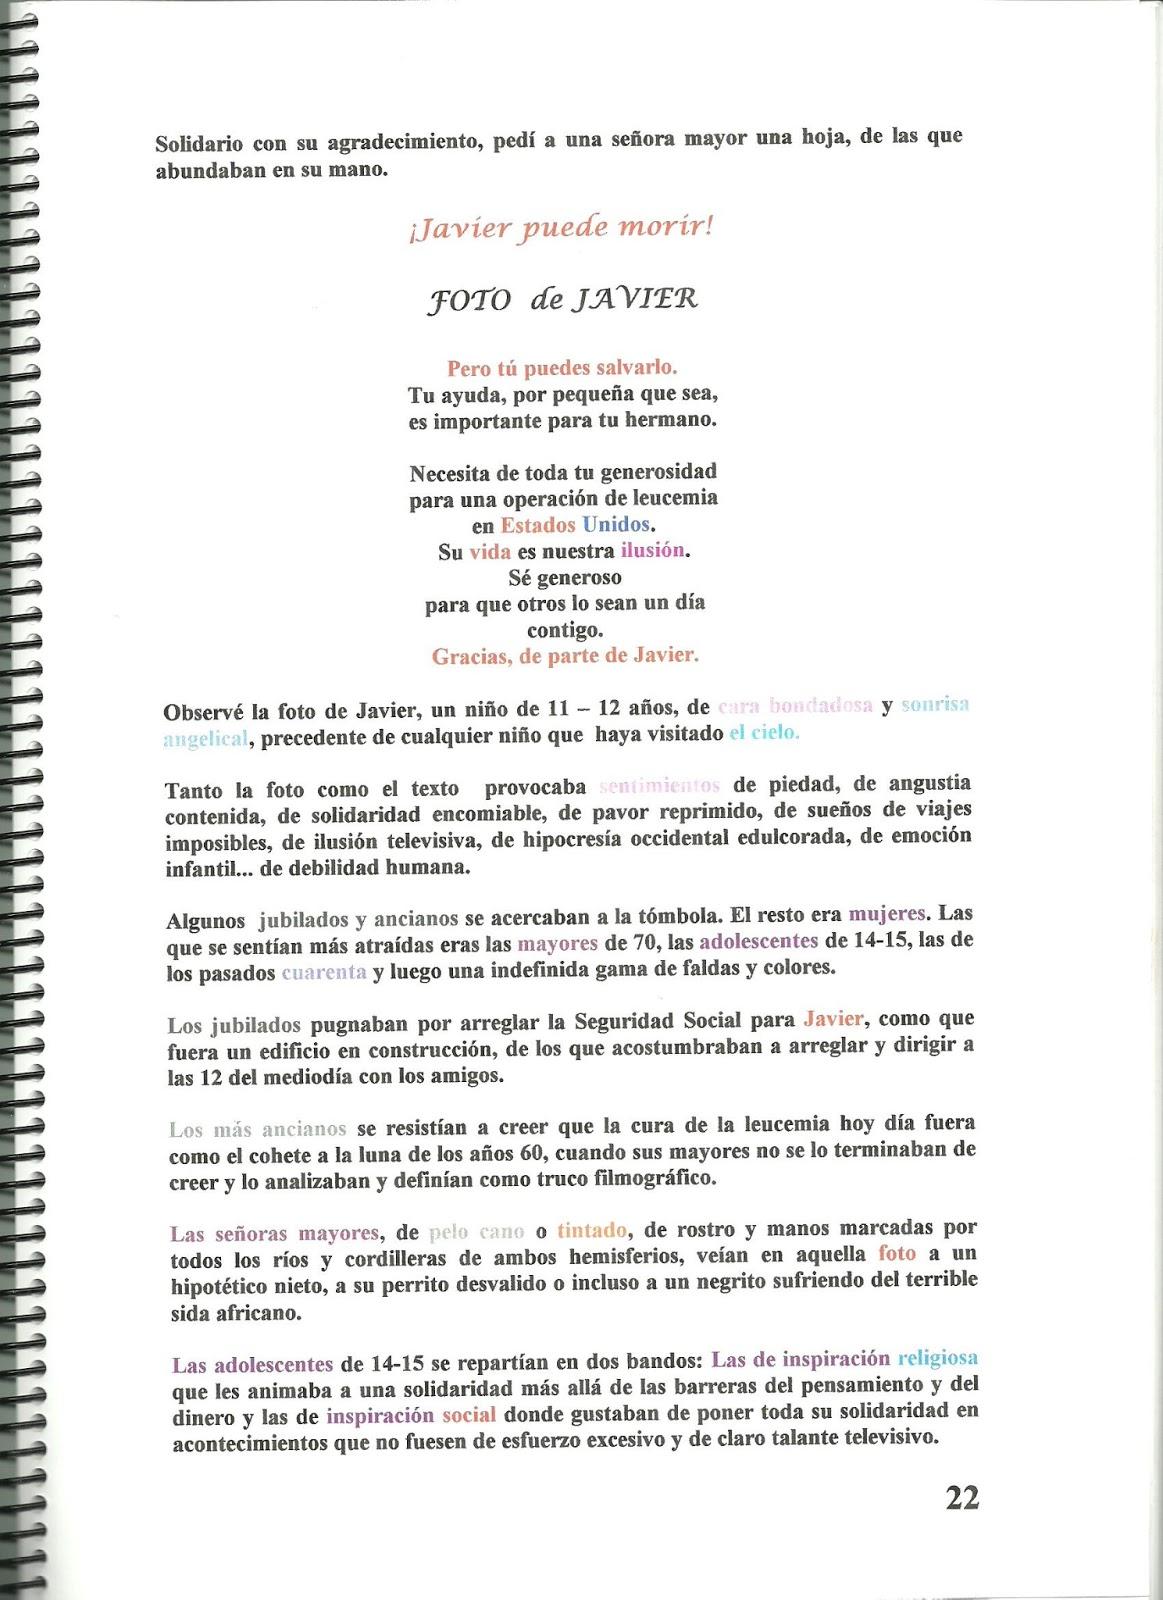 Juan Carlos Martínez: Javier puede morir: El color de los cuentos